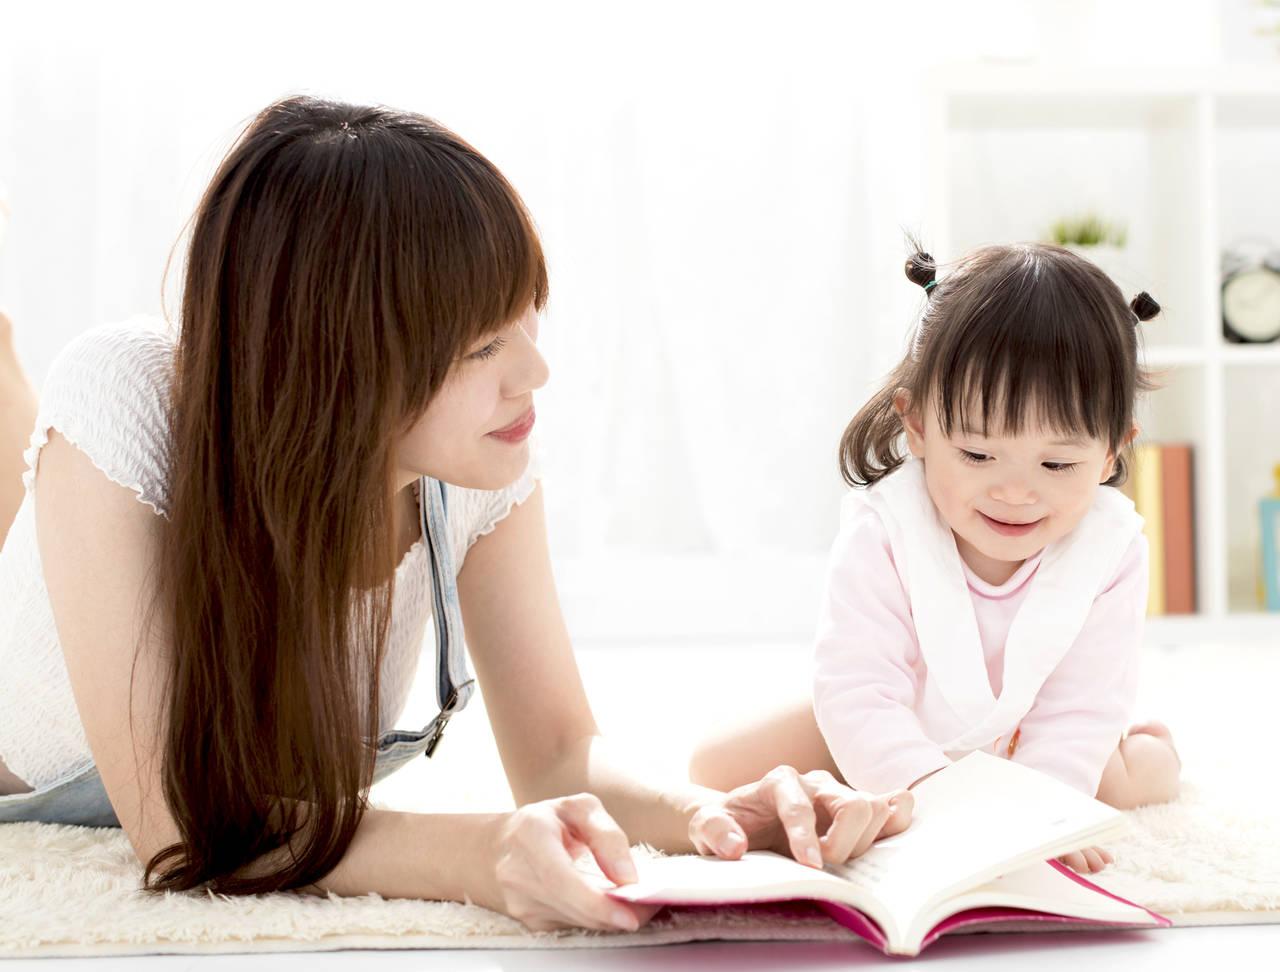 子どもの早期教育について知りたい。早期教育のメリットや注意点